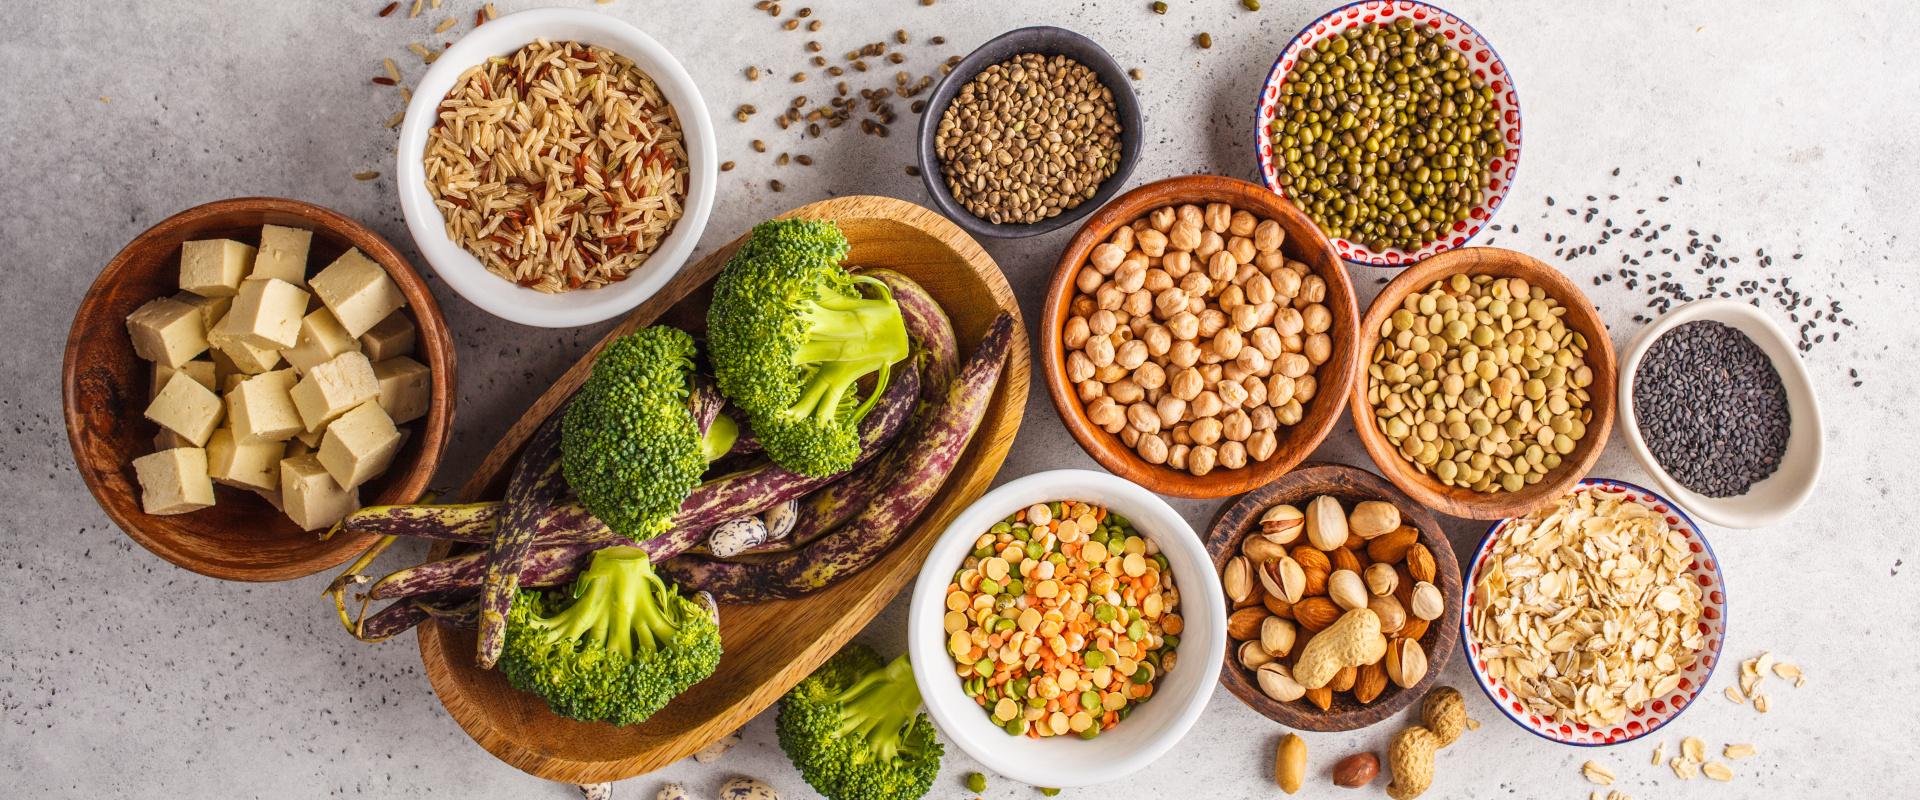 növényi fehérjék cover